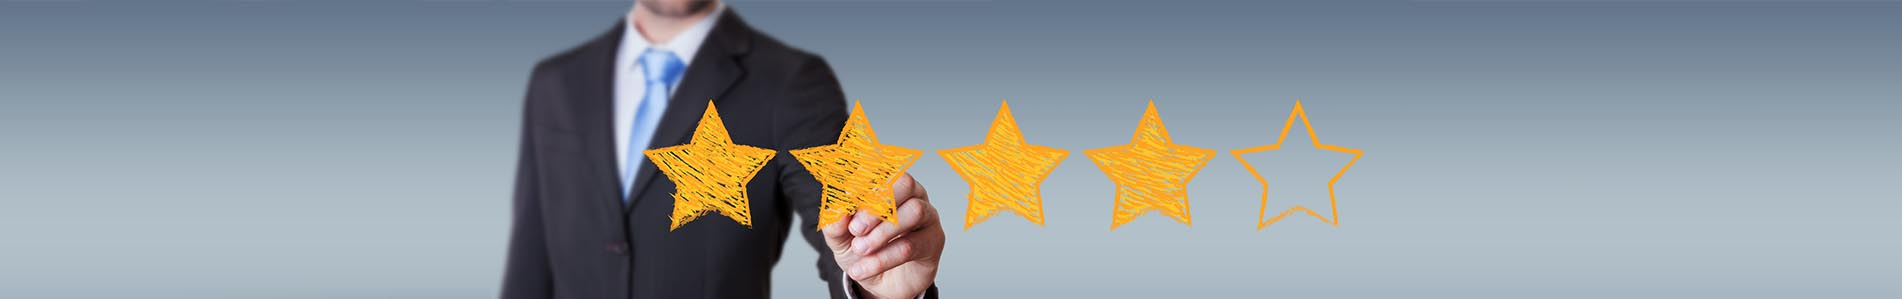 opinie, finanse dla ciebie opinie, klienci o nas, nasi klienci, udane konsolidacje